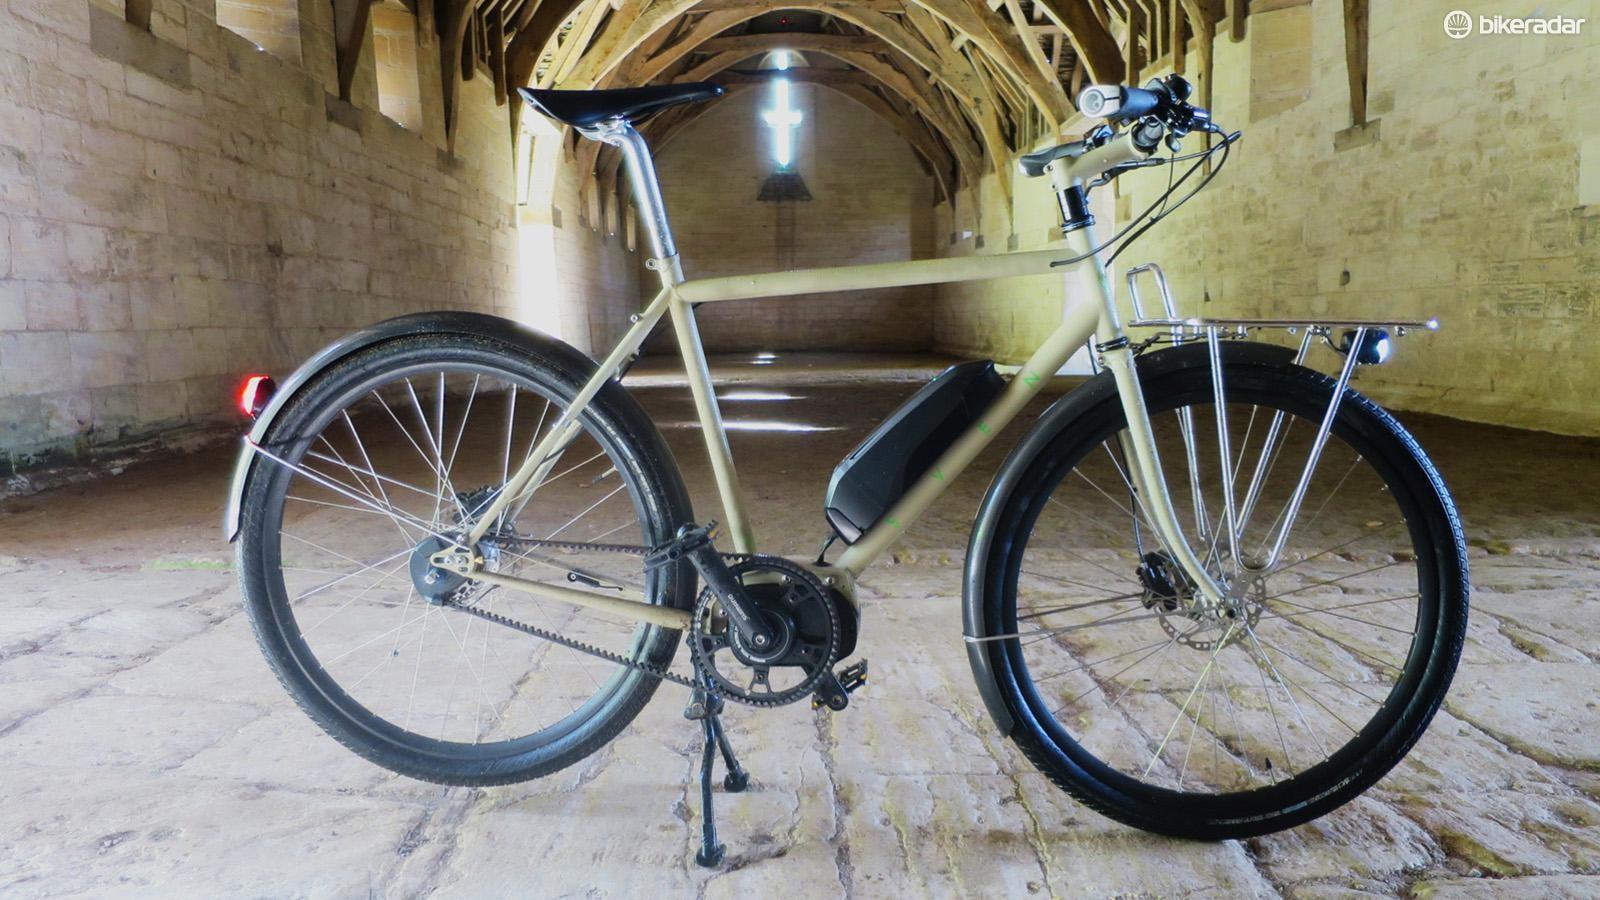 Sven Cycles' new Swift may be the first semi-custom Steel utility e-bike we've seen